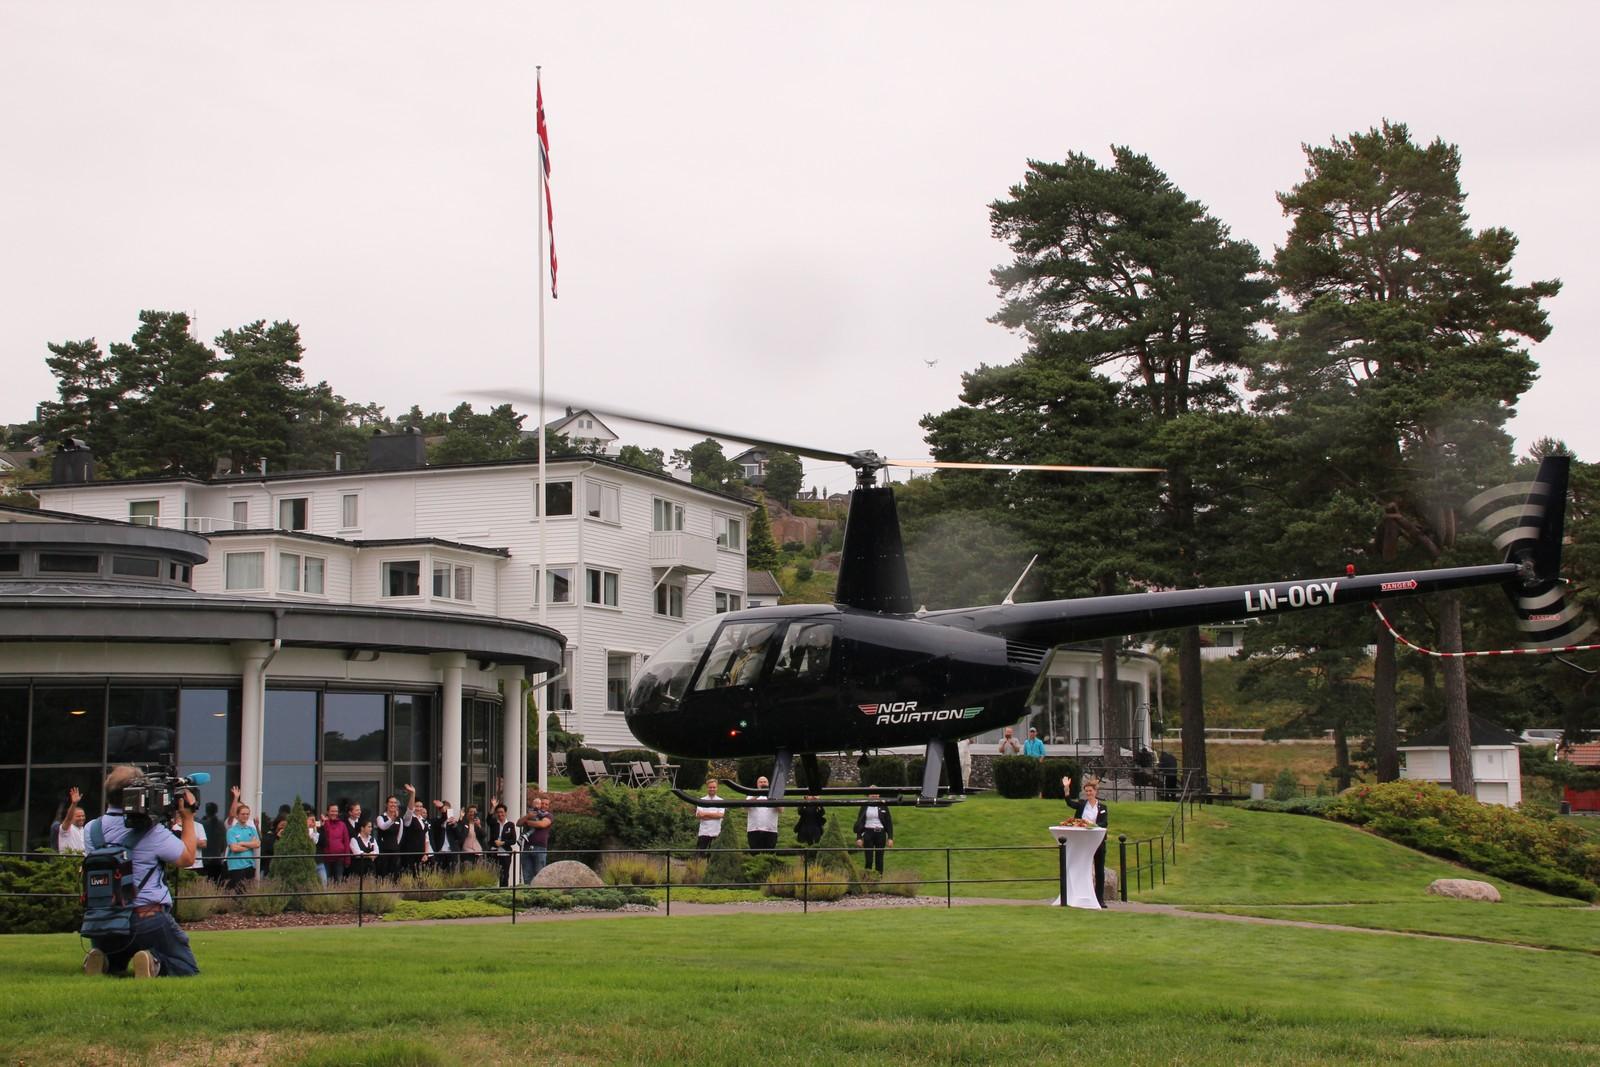 Berntsen ankom hotellet i helikopter for 14 år siden. I dag forlot hun hotellet på samme måte.